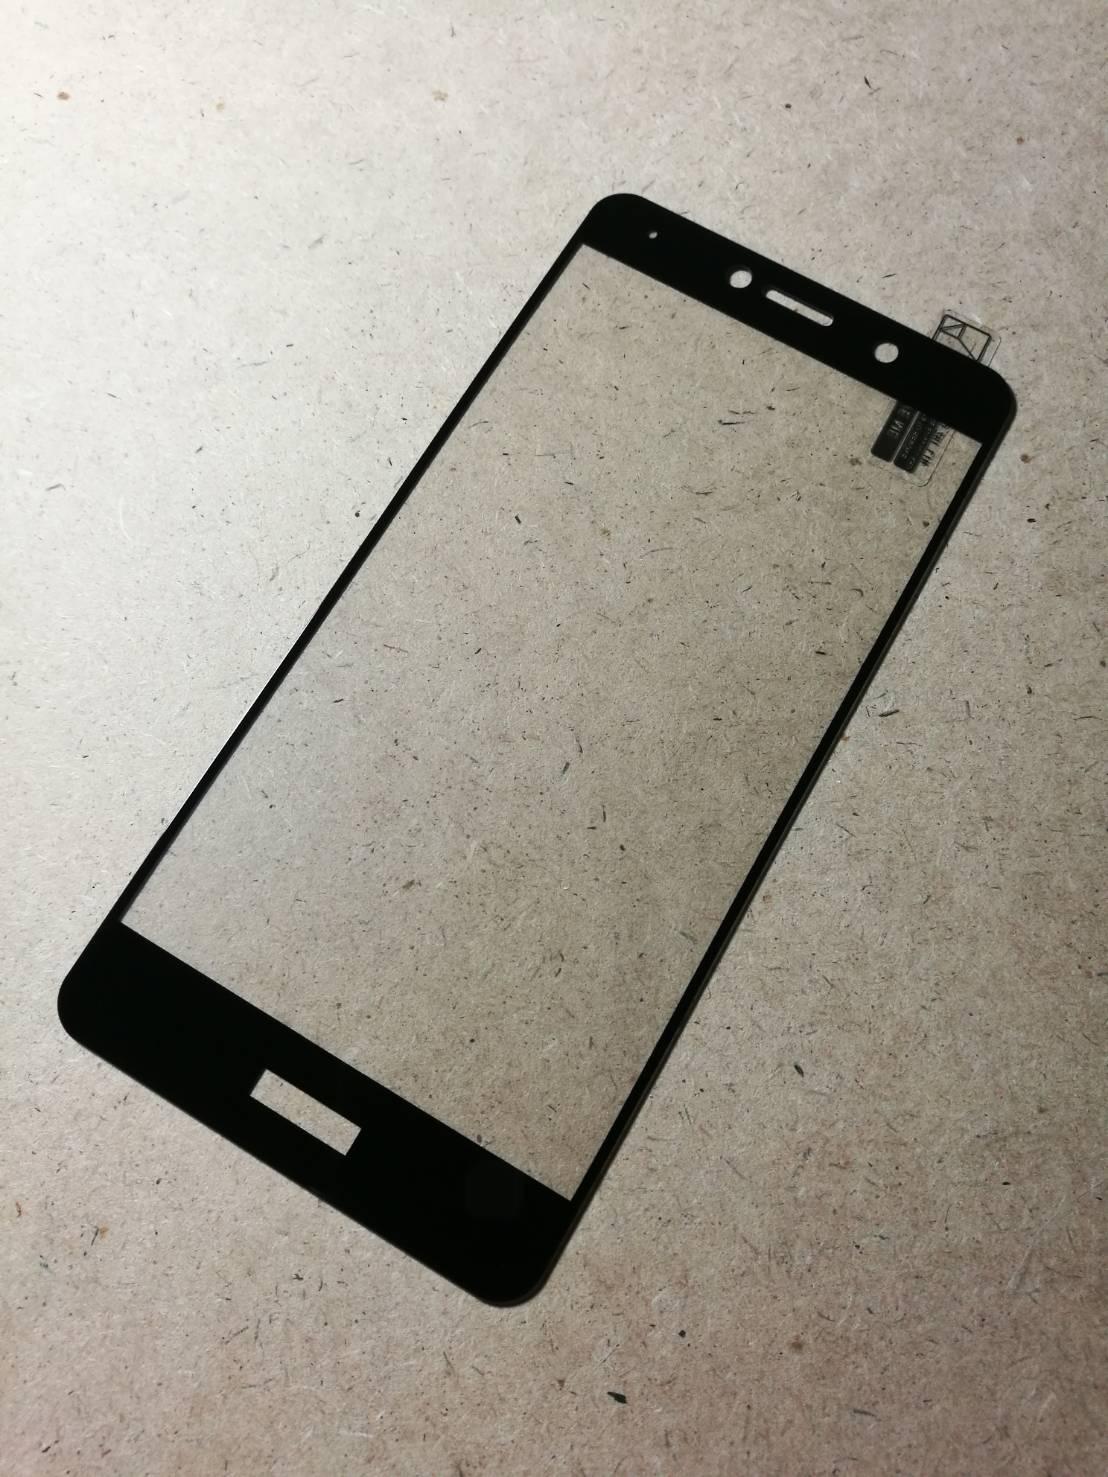 ฟิล์มกระจกเต็มจอ Huawei Y7 2017 ขอบดำ